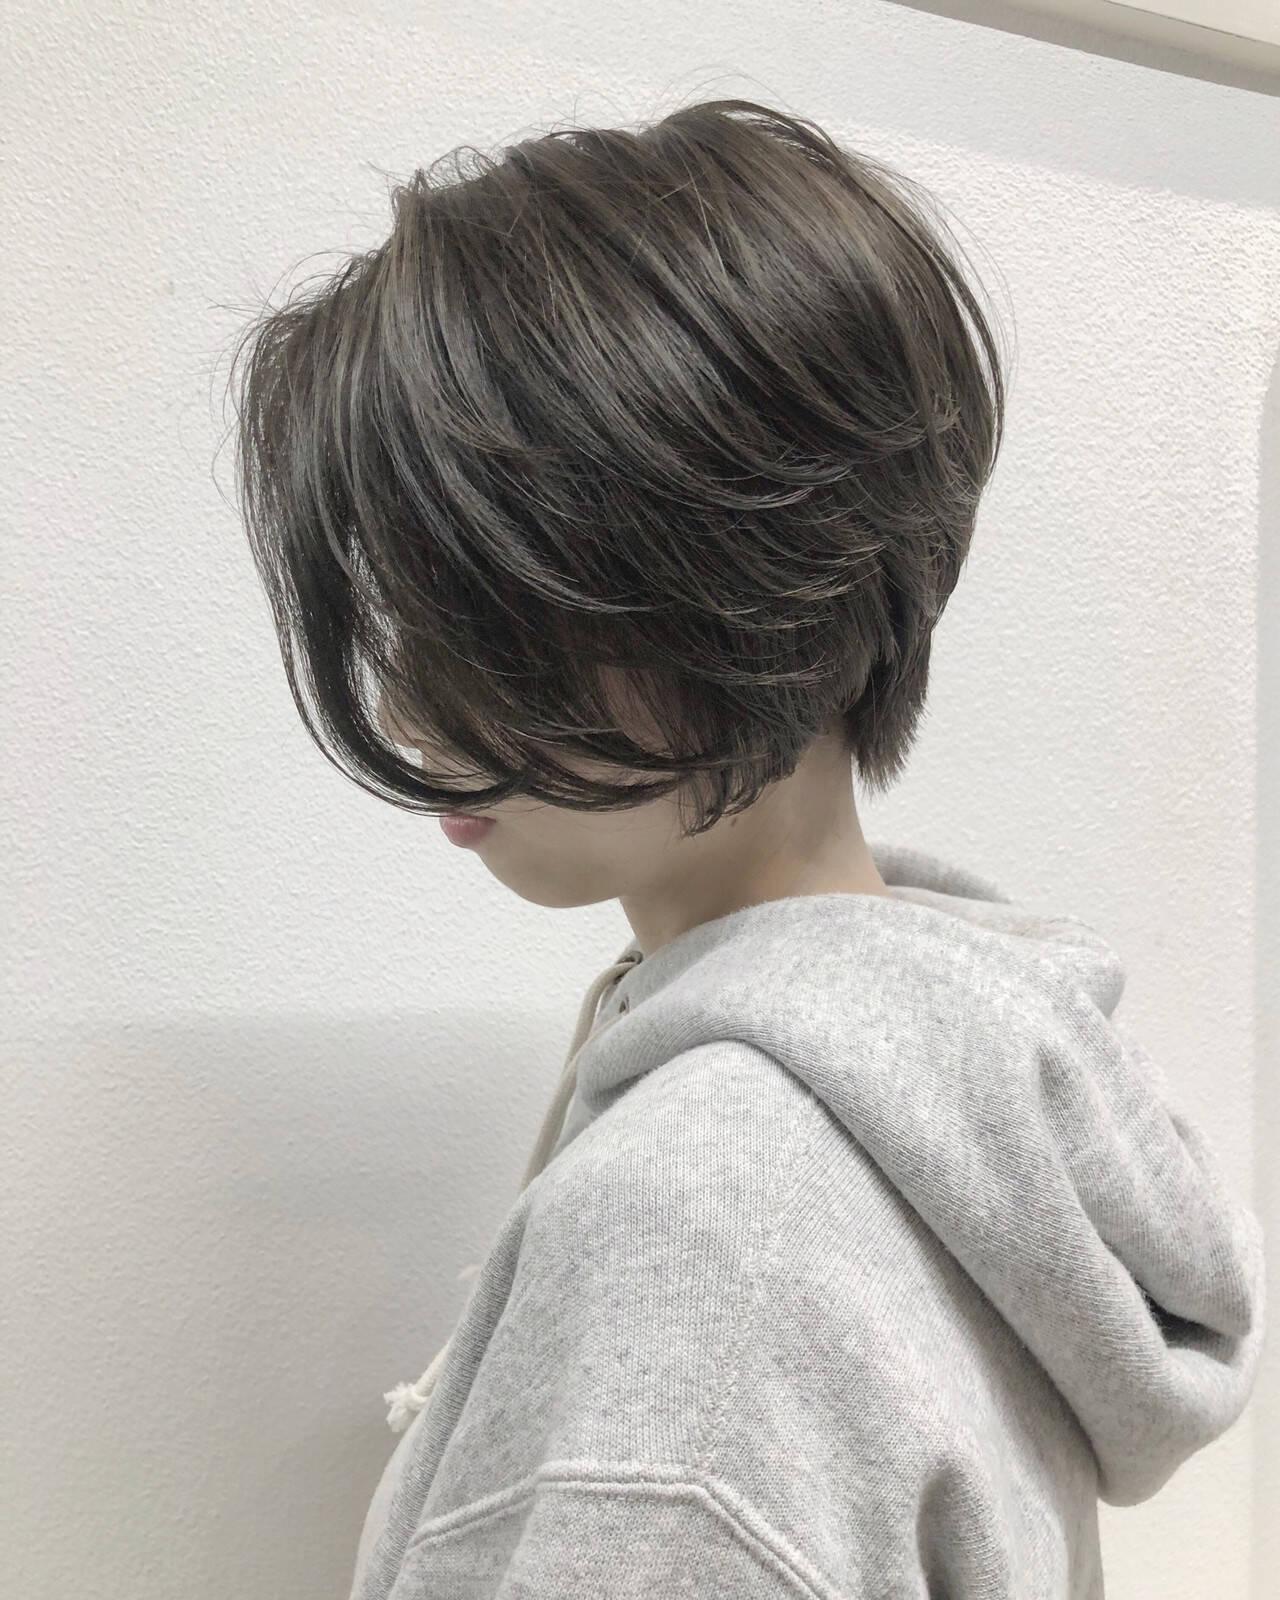 ショートボブ ハイライト ショート ミニボブヘアスタイルや髪型の写真・画像